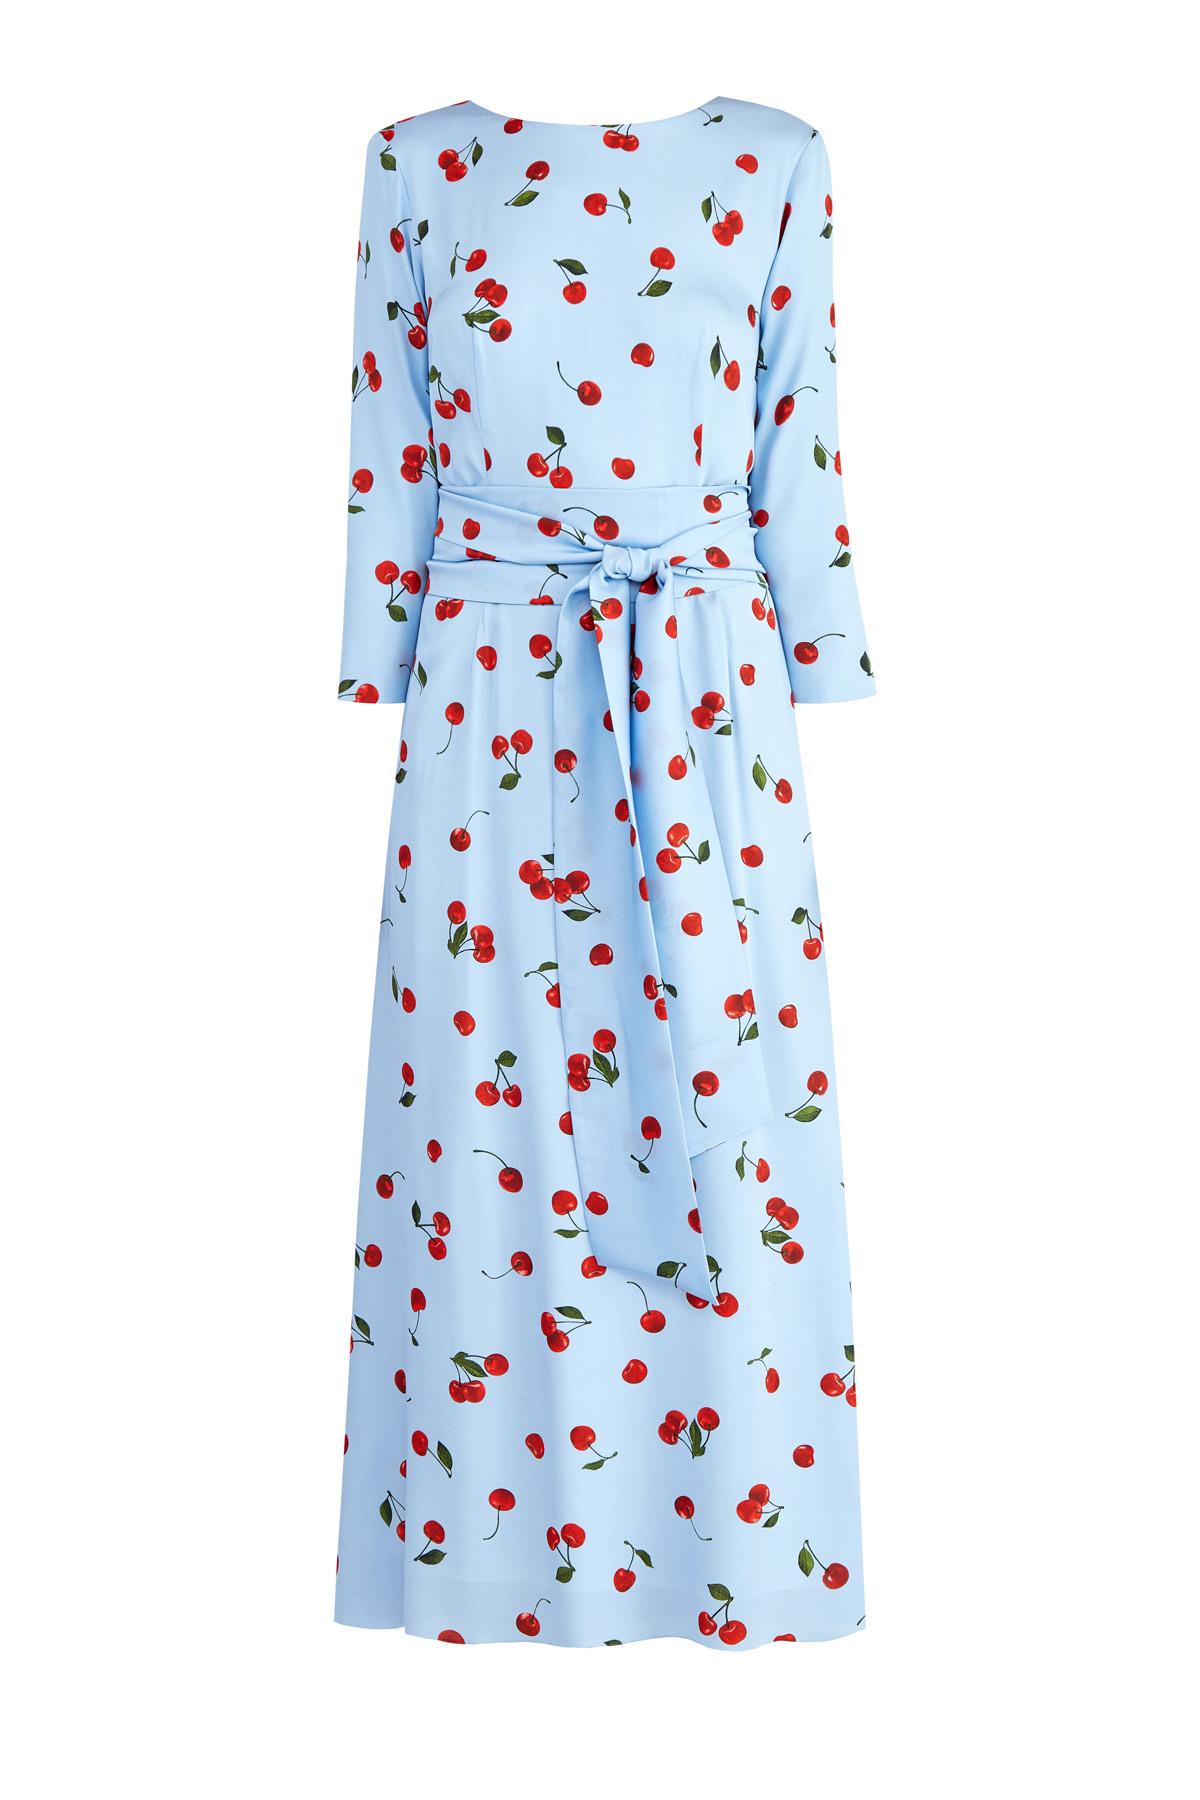 Купить Платье из чистого шелка с декольтированной спинкой и поясом-лентой, ALEXANDER TEREKHOV, Россия, шелк 95%, эластан 5%